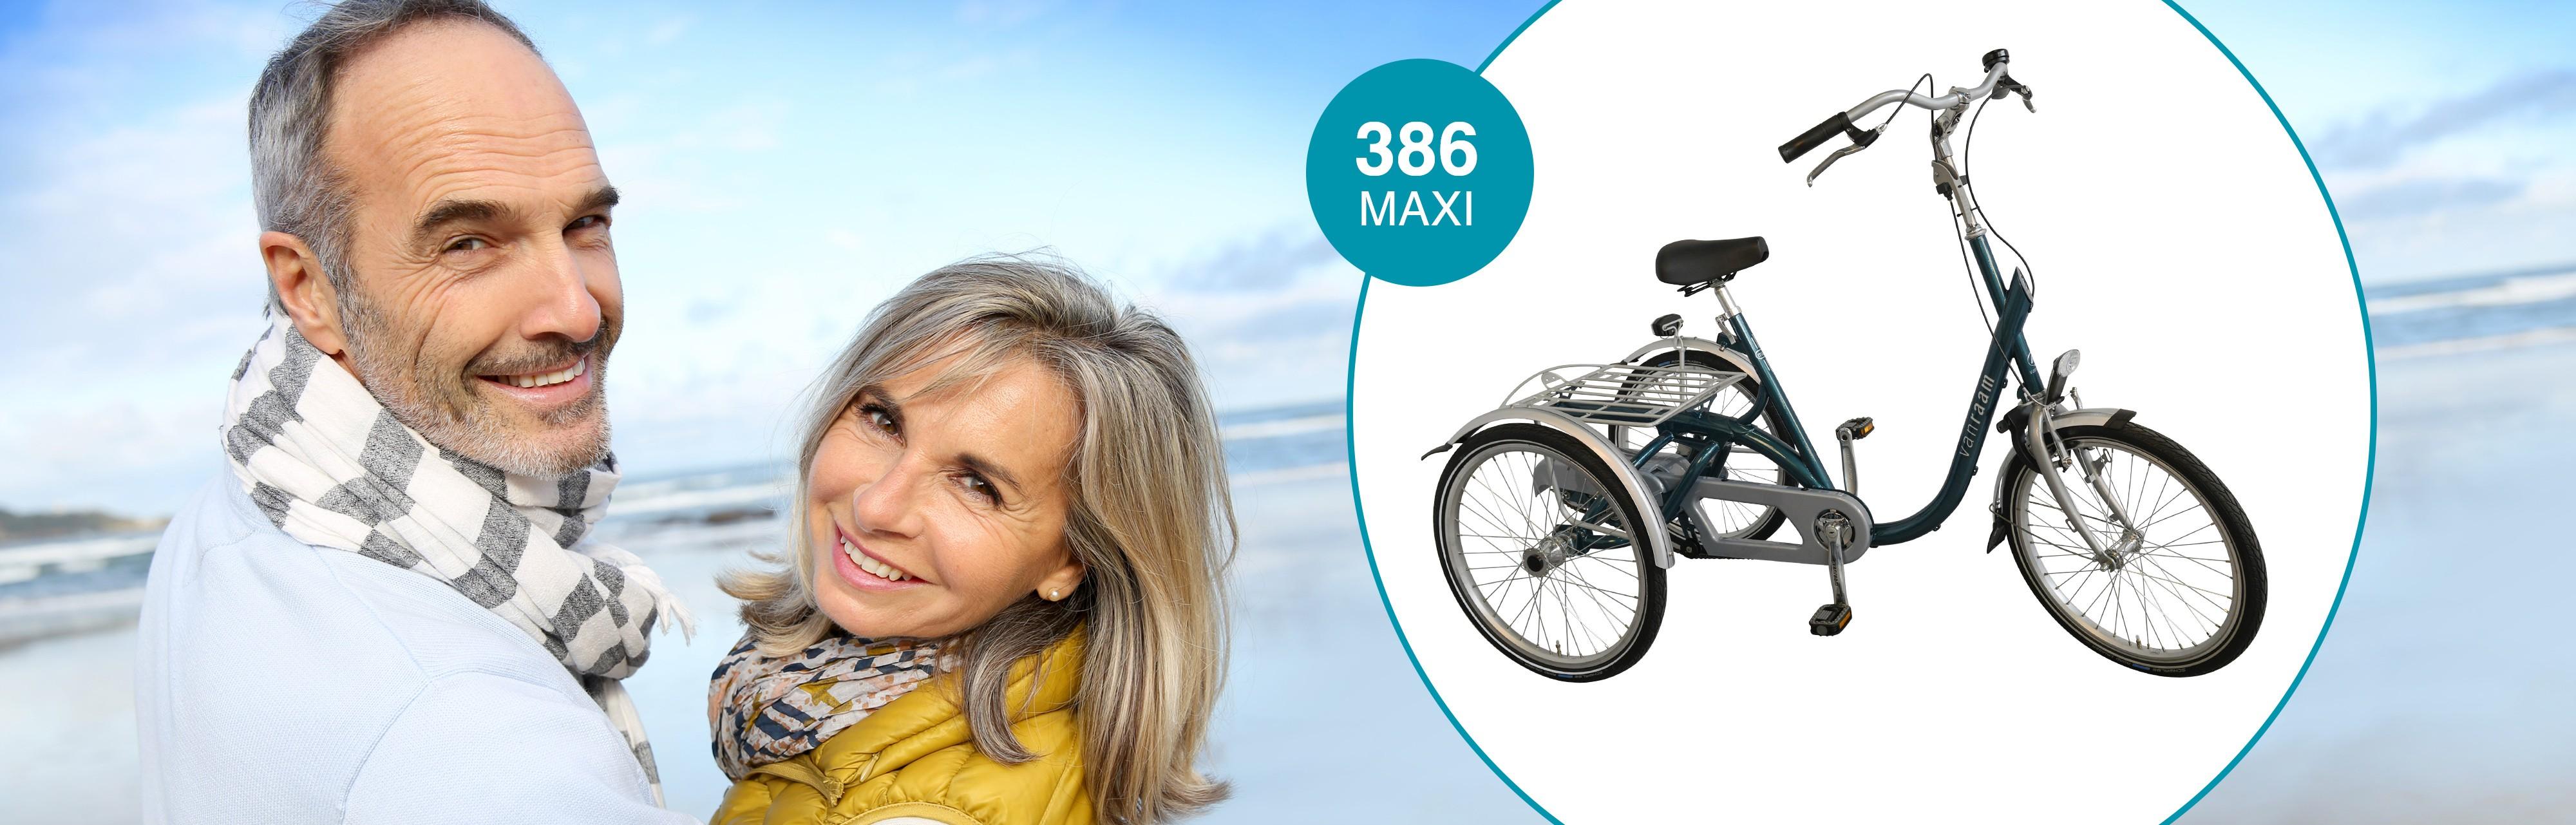 386 Maxi